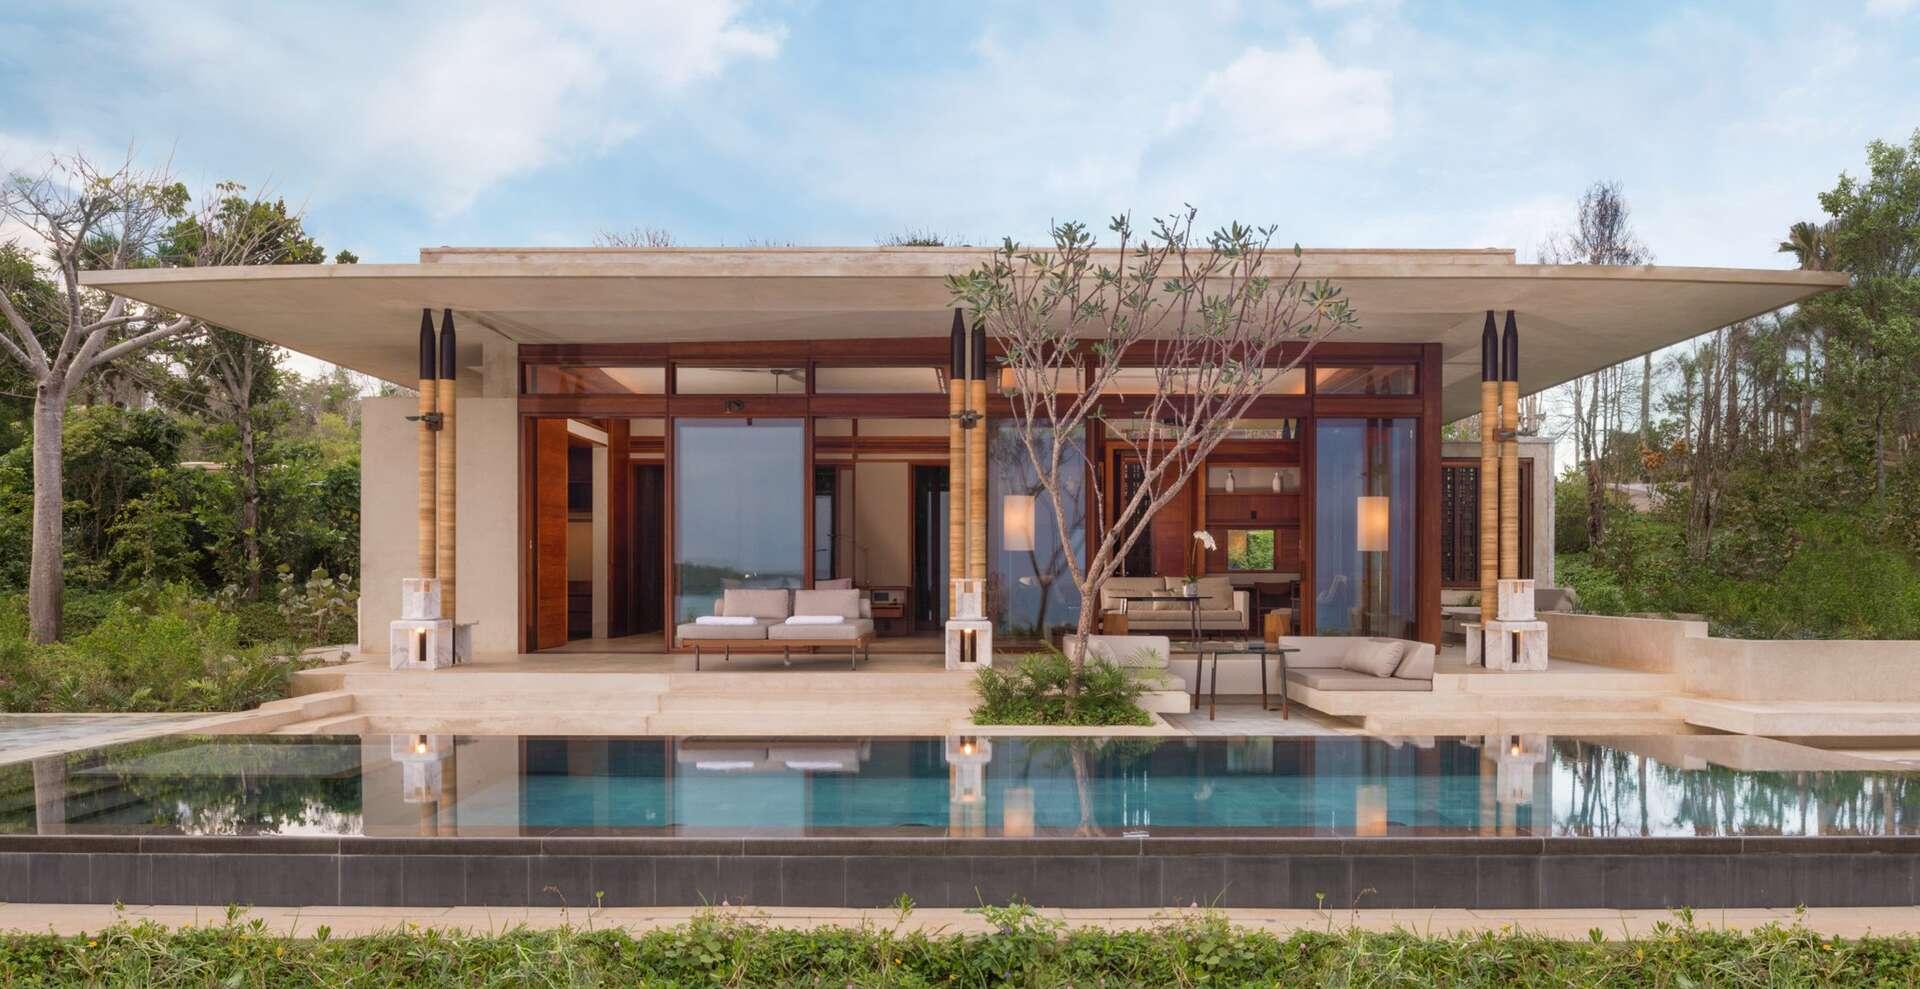 Luxury villa rentals caribbean - Dominican republic - Amanera - No location 4 - Pool Casita - Image 1/16